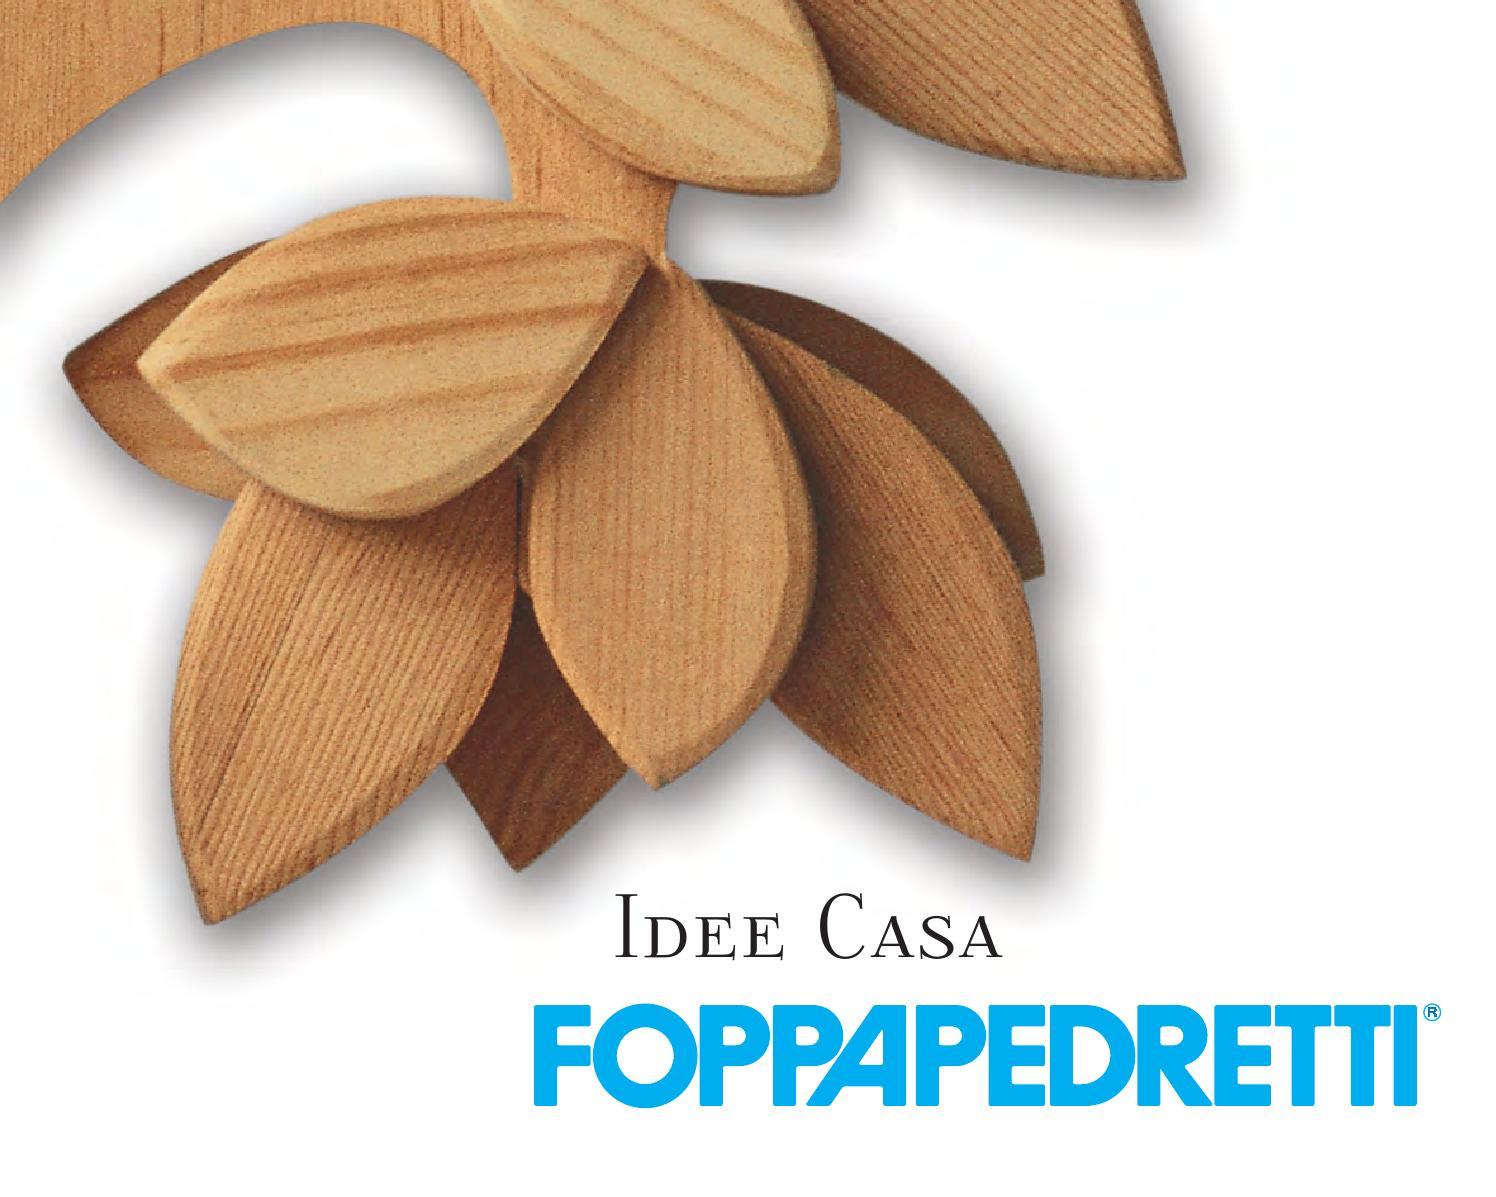 Circa. Estensione da 45 A 65 Cm Appendiabito Estensibile in Legno di Faggio